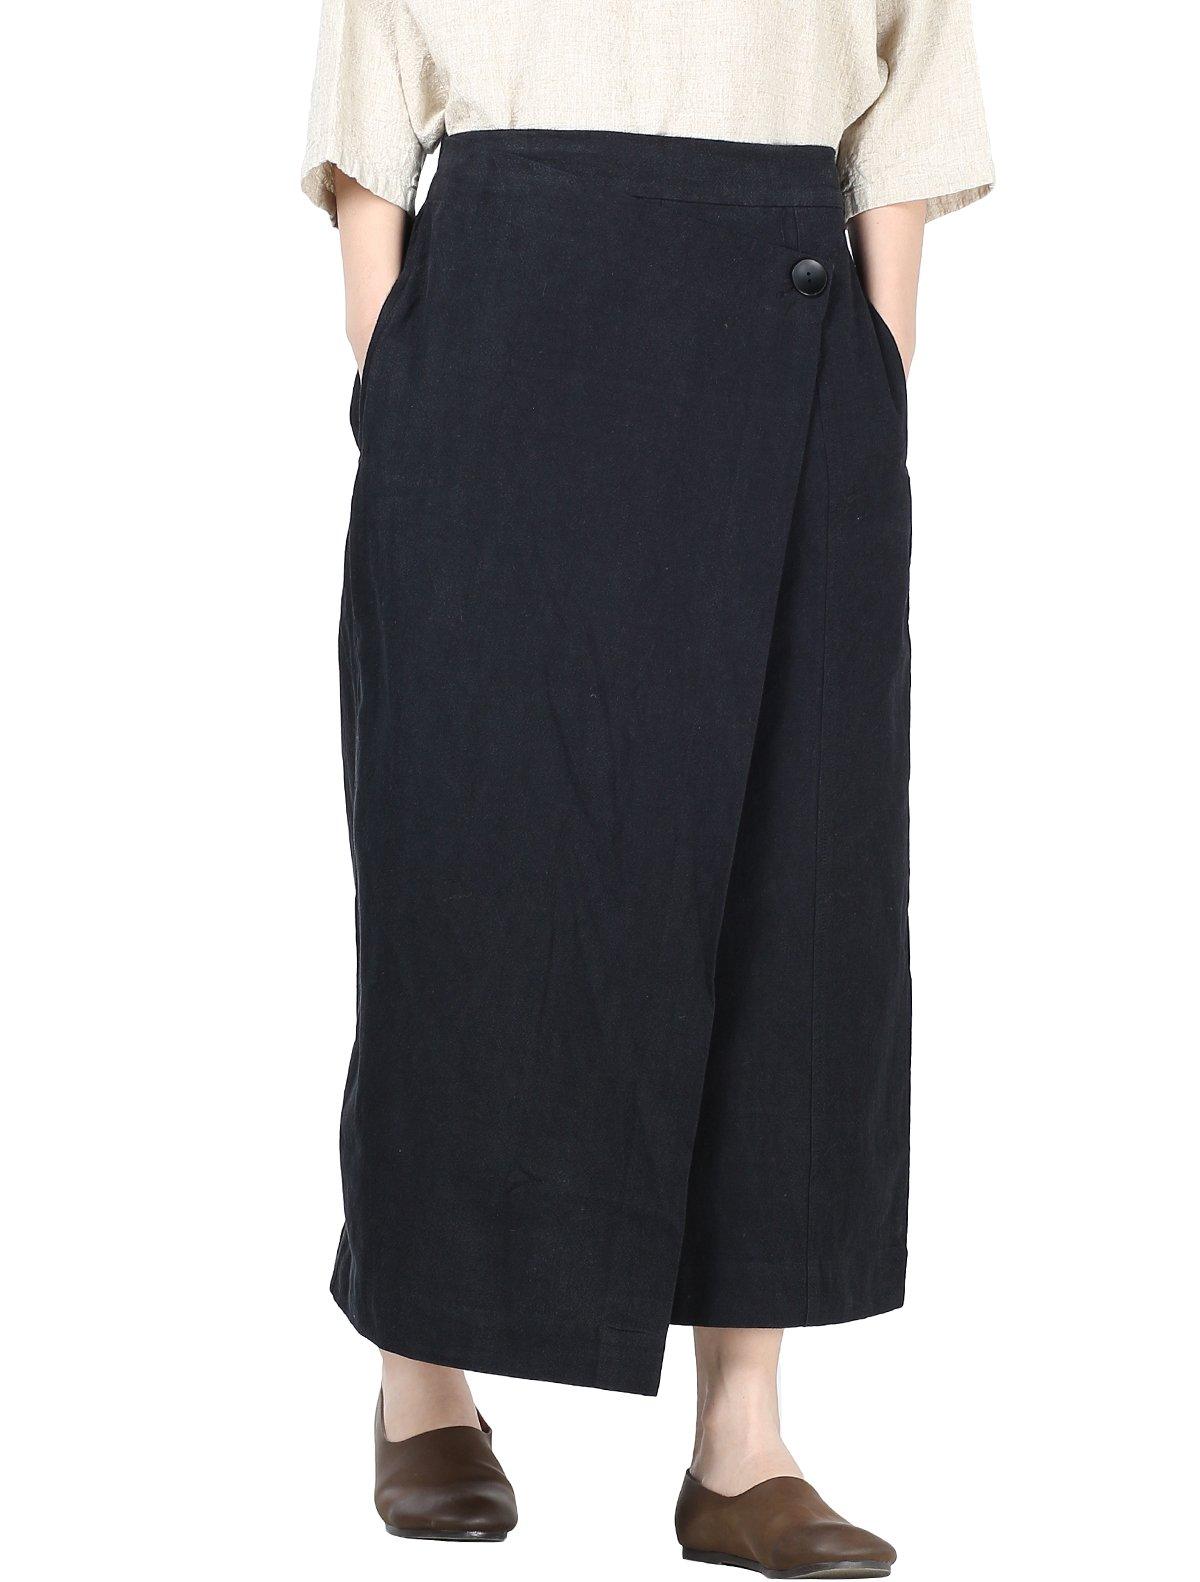 Mordenmiss Women's Linen Slit Flared High Waist Skirts Pants Black